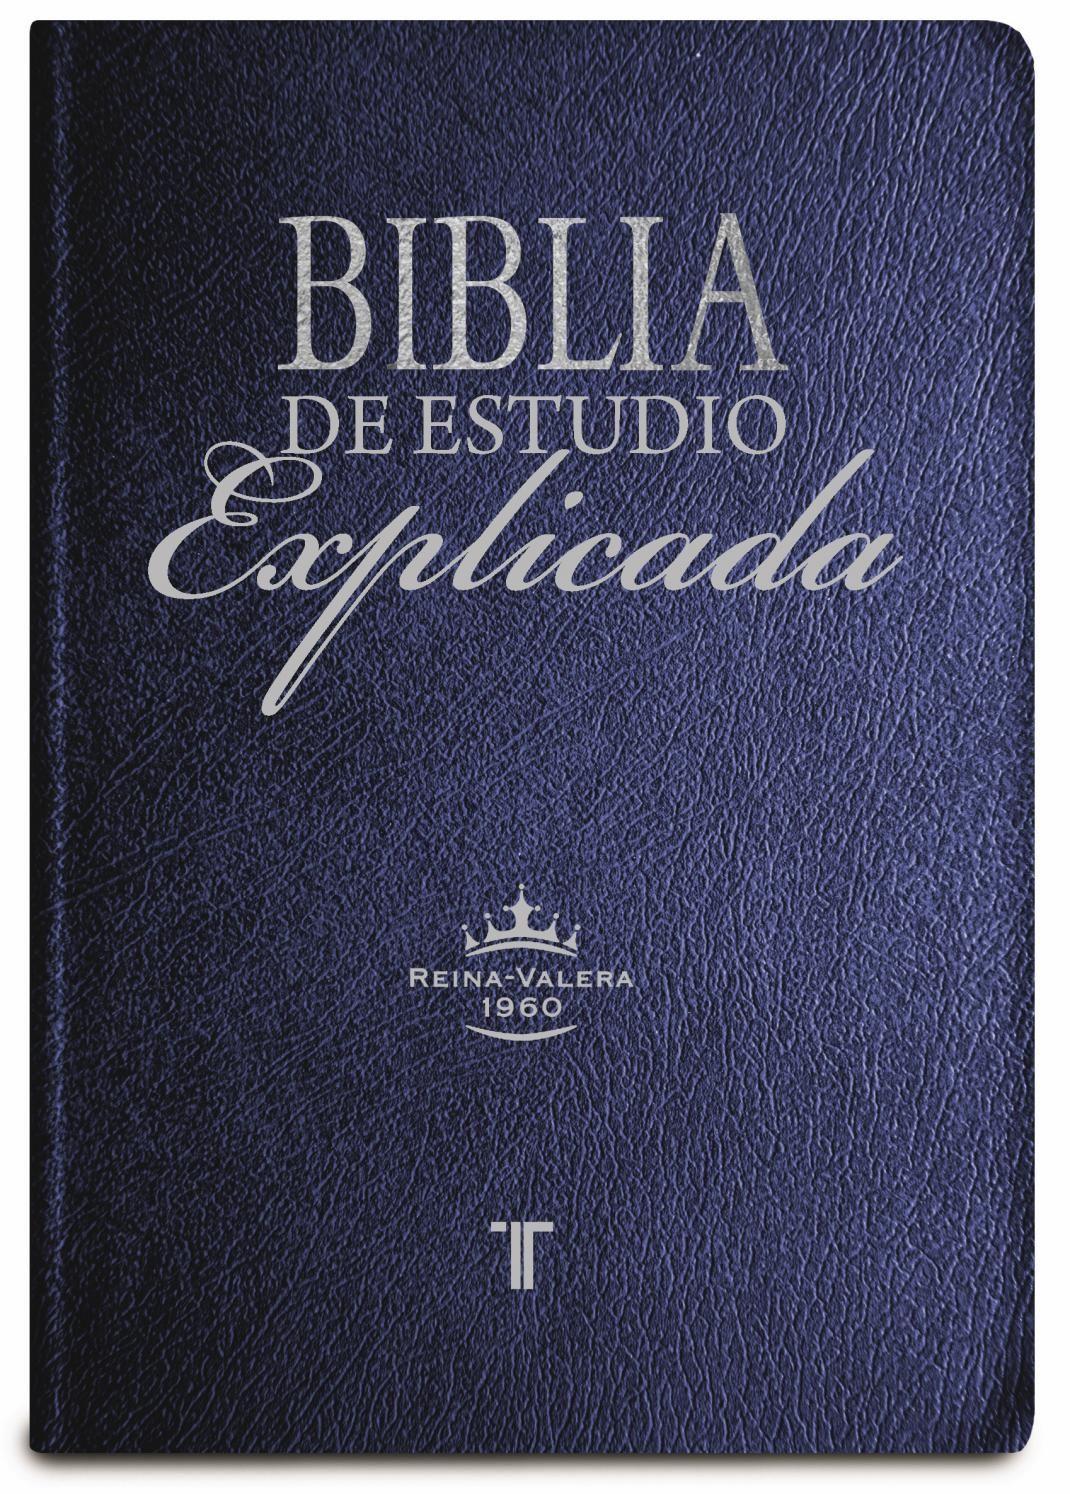 biblia de estudio ryrie para descargar gratis